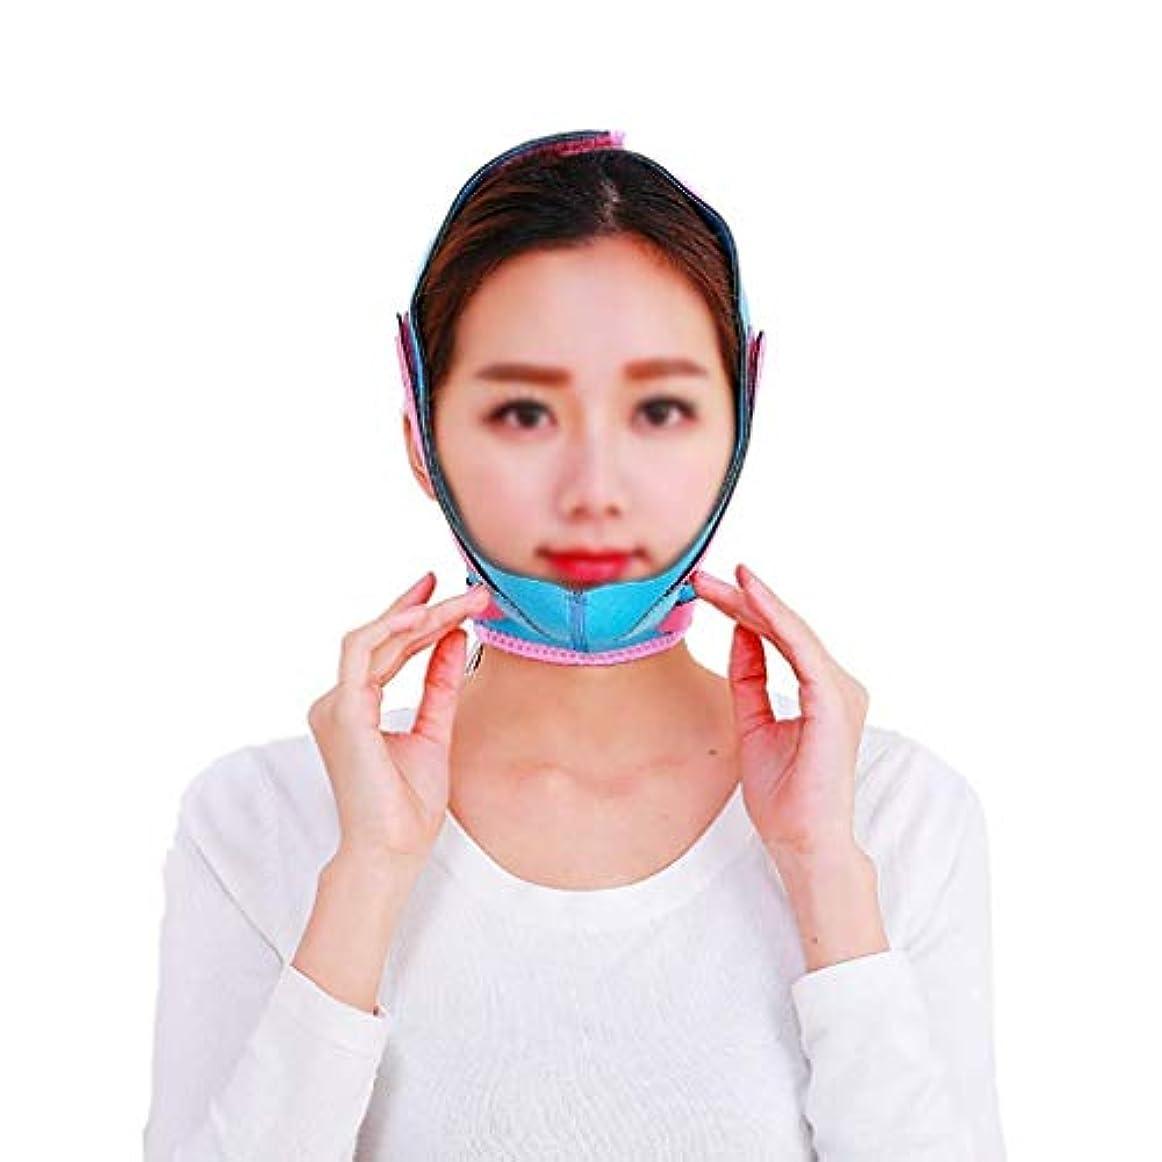 推進、動かす解放浸食顔と首のリフト、男性と女性のフェイスリフトアーティファクトシュリンクマスクを強化輪郭の救済ドループ筋肉引き締め肌弾性V顔包帯